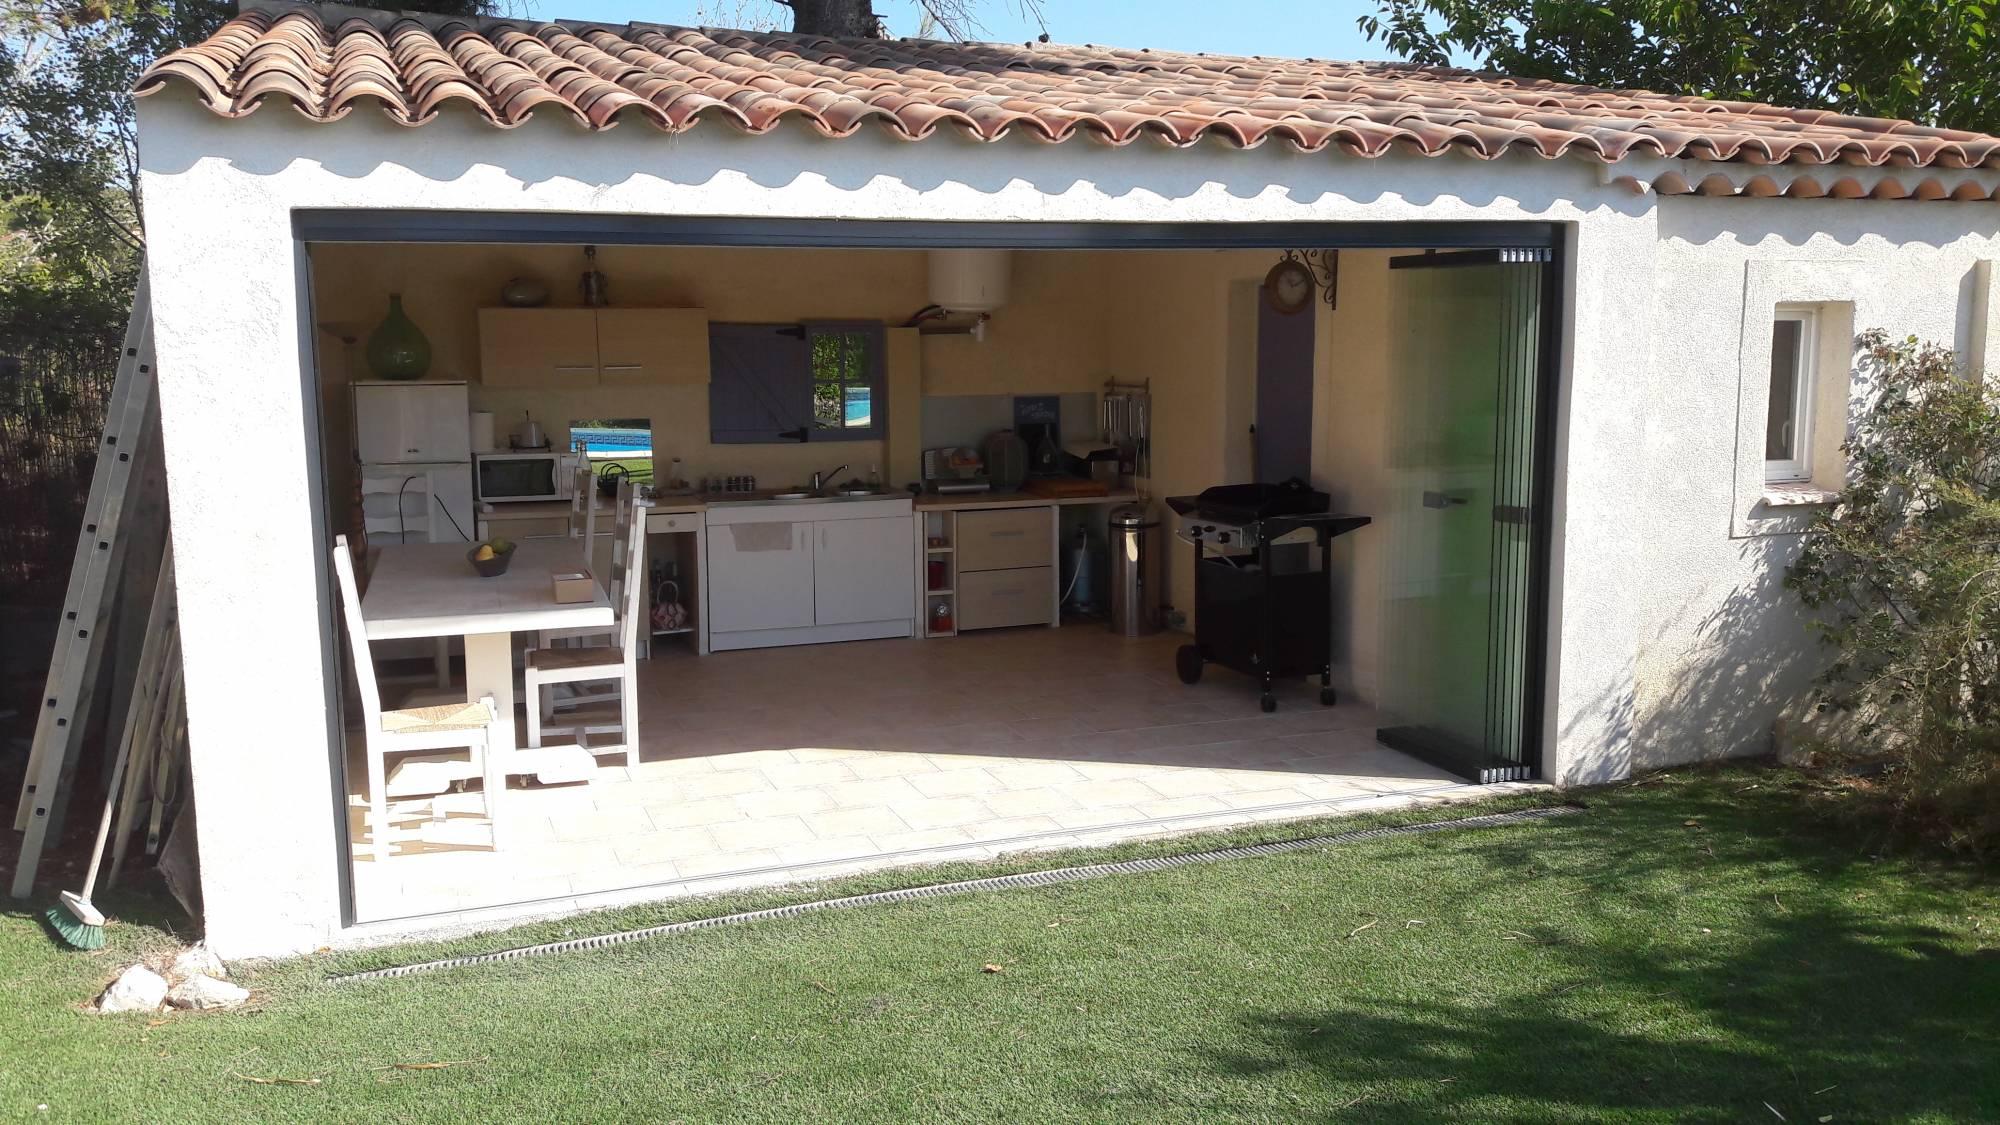 fermeture en verre pliante et coulissante sl 25 solarlux. Black Bedroom Furniture Sets. Home Design Ideas